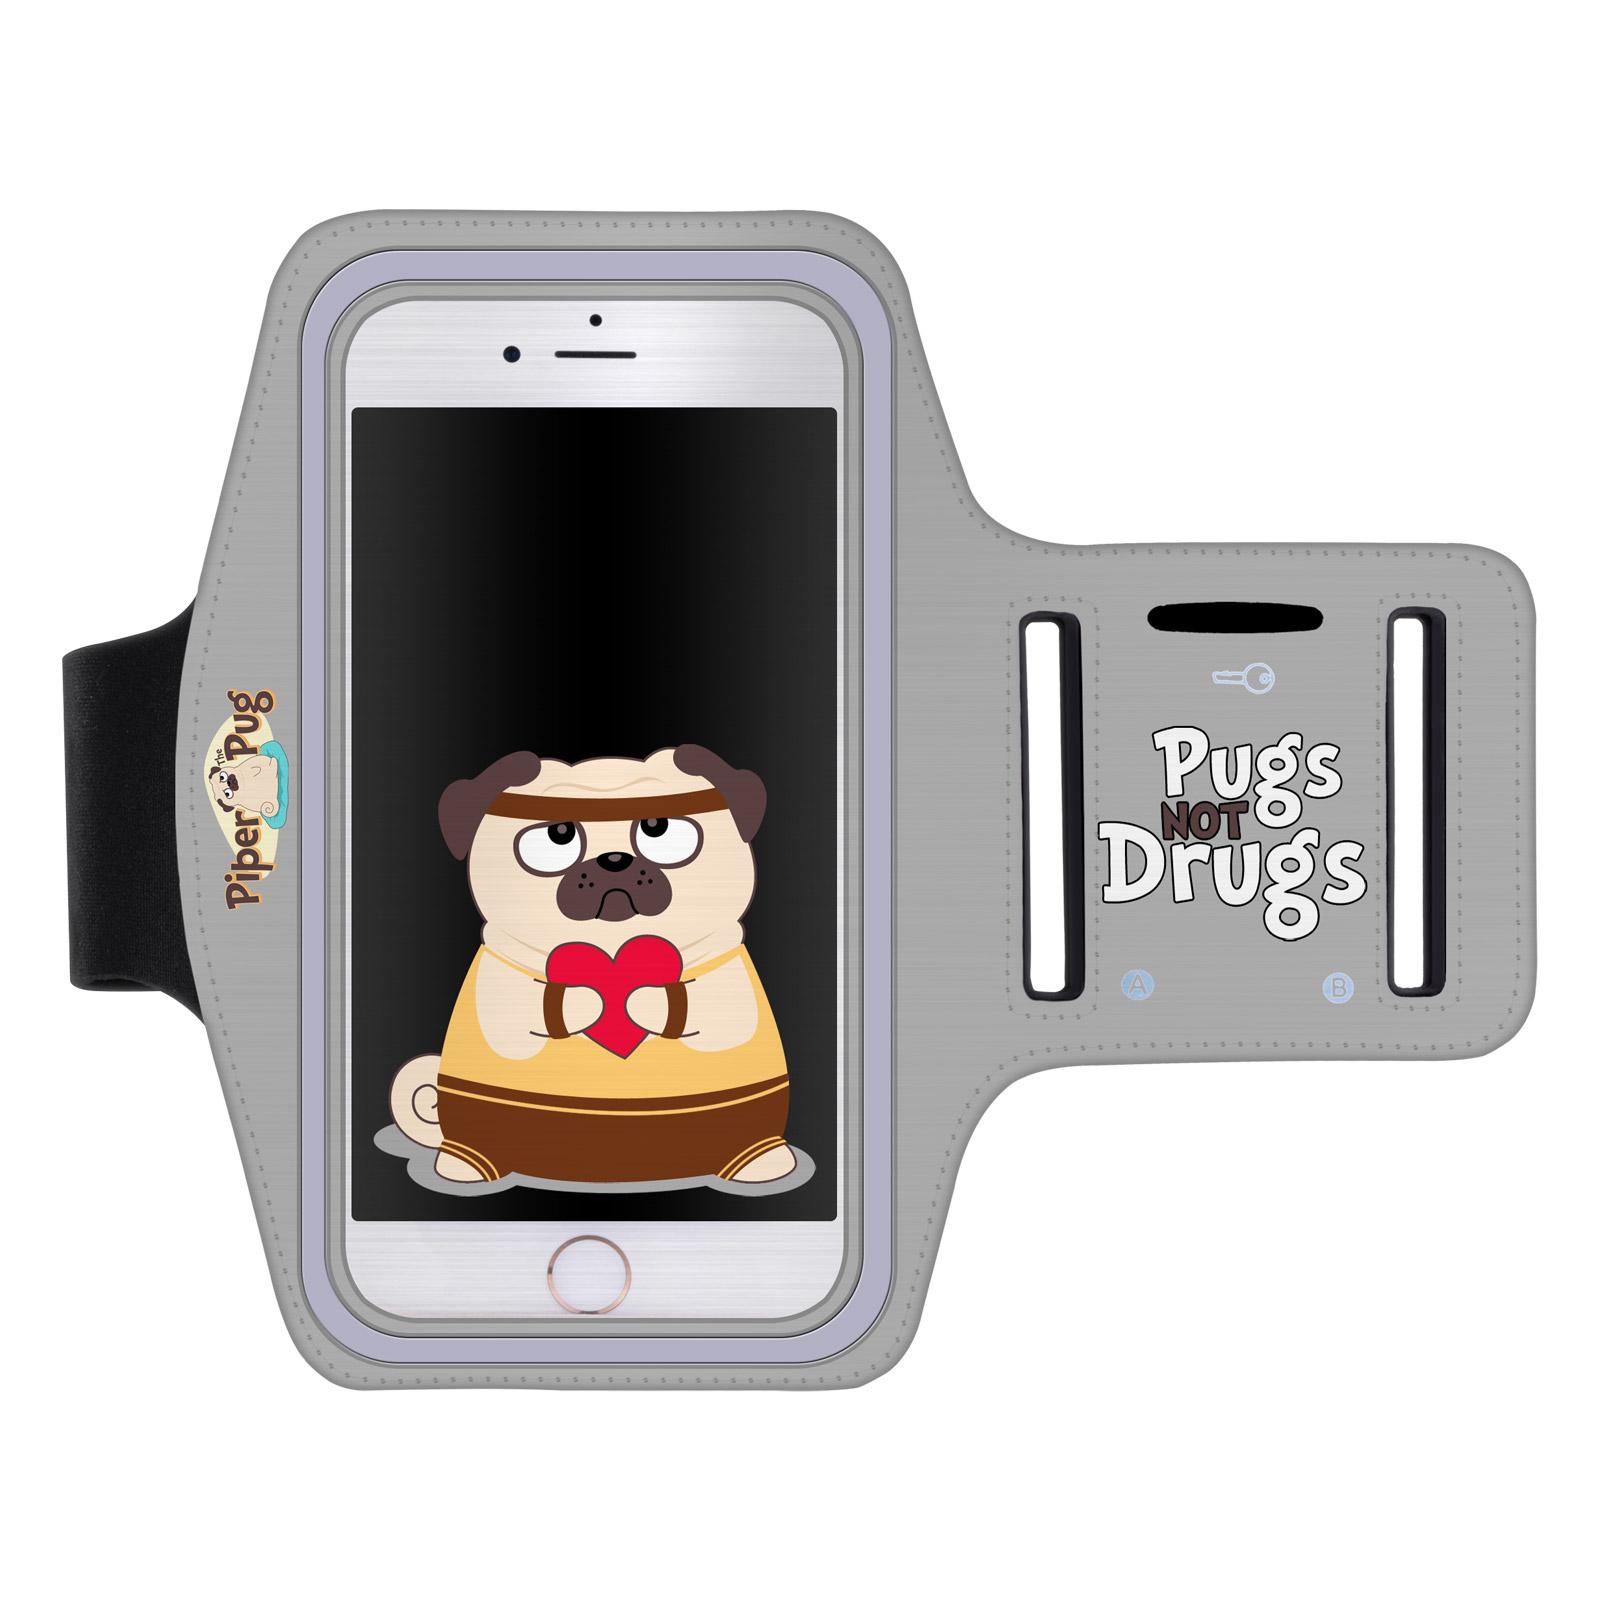 """Sportovní pouzdro PUGS NOT DRUGS pro mobily do 5,5"""" iPhone 6 Plus/ S7 Edge šedé (Pouzdro na běhání pro mobilní telefony do 5,5 palců)"""